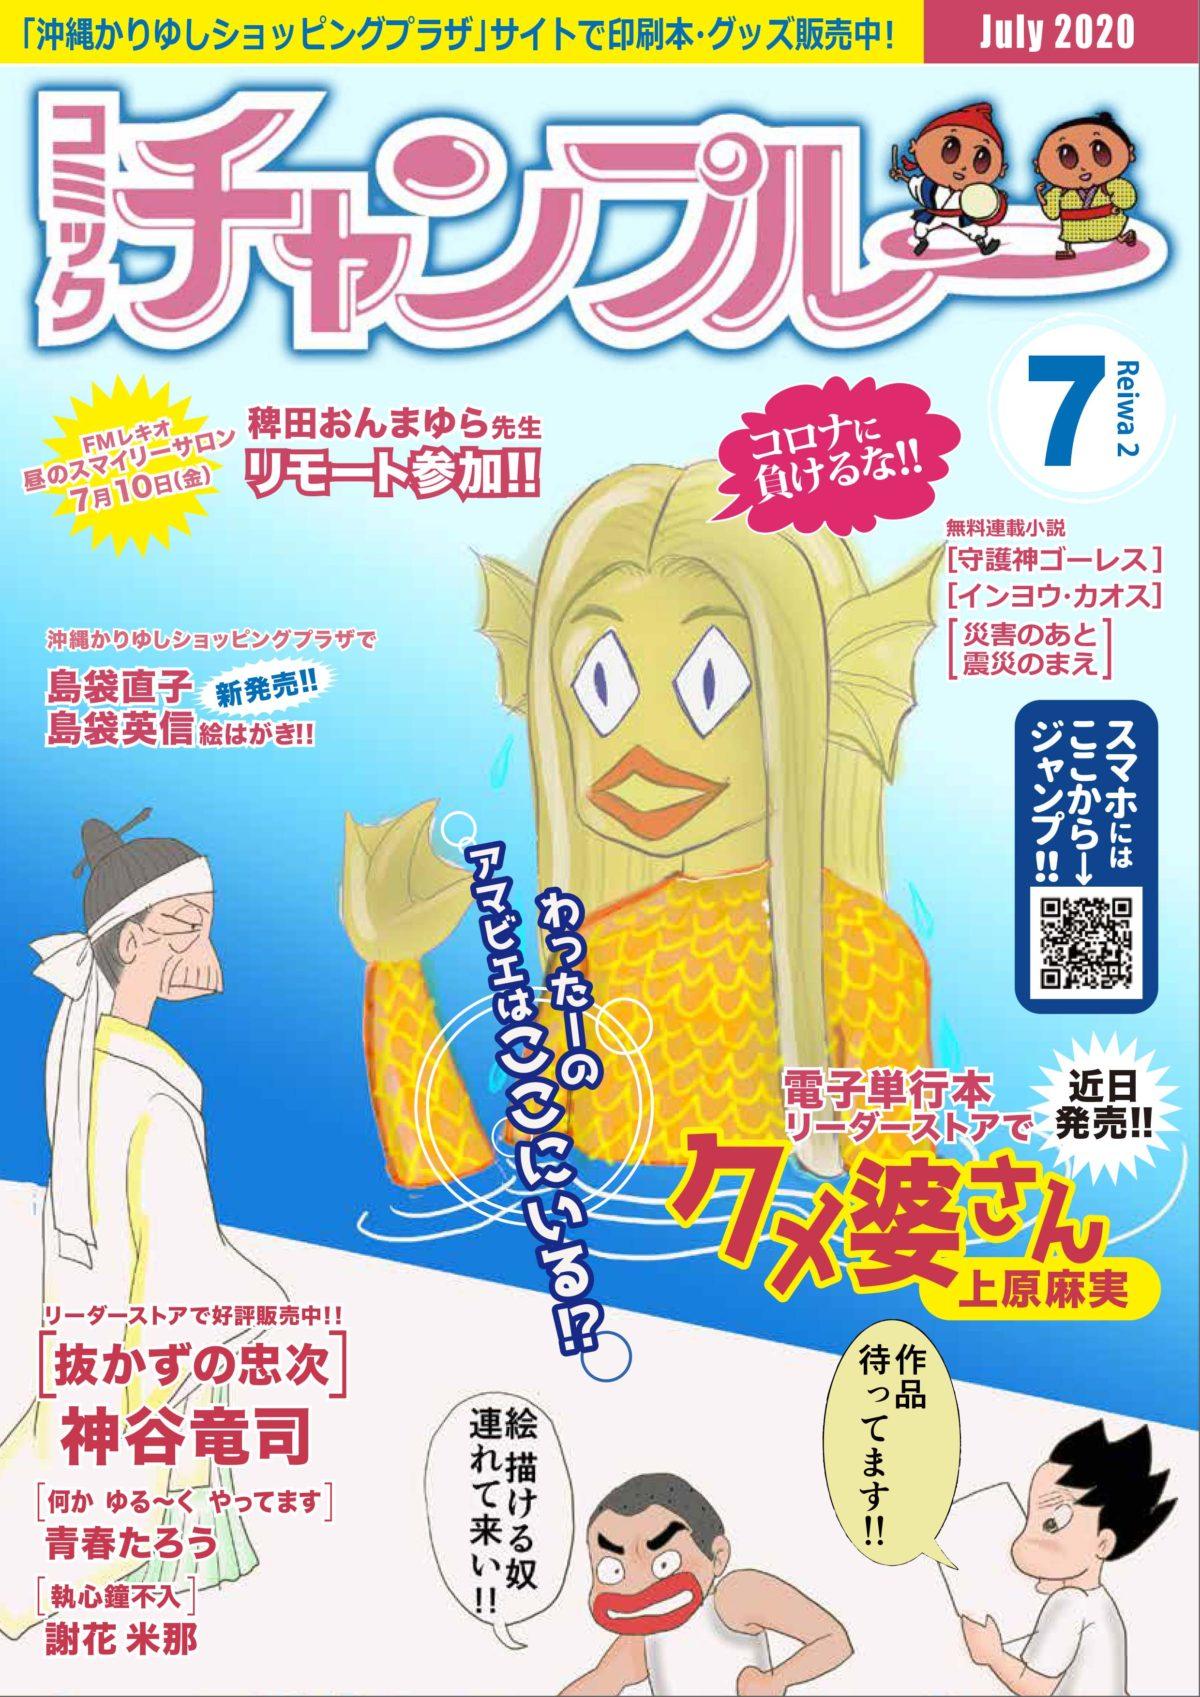 7月です! コミックチャンプルー表紙更新しました! 沖縄マンガチラシもやってます!